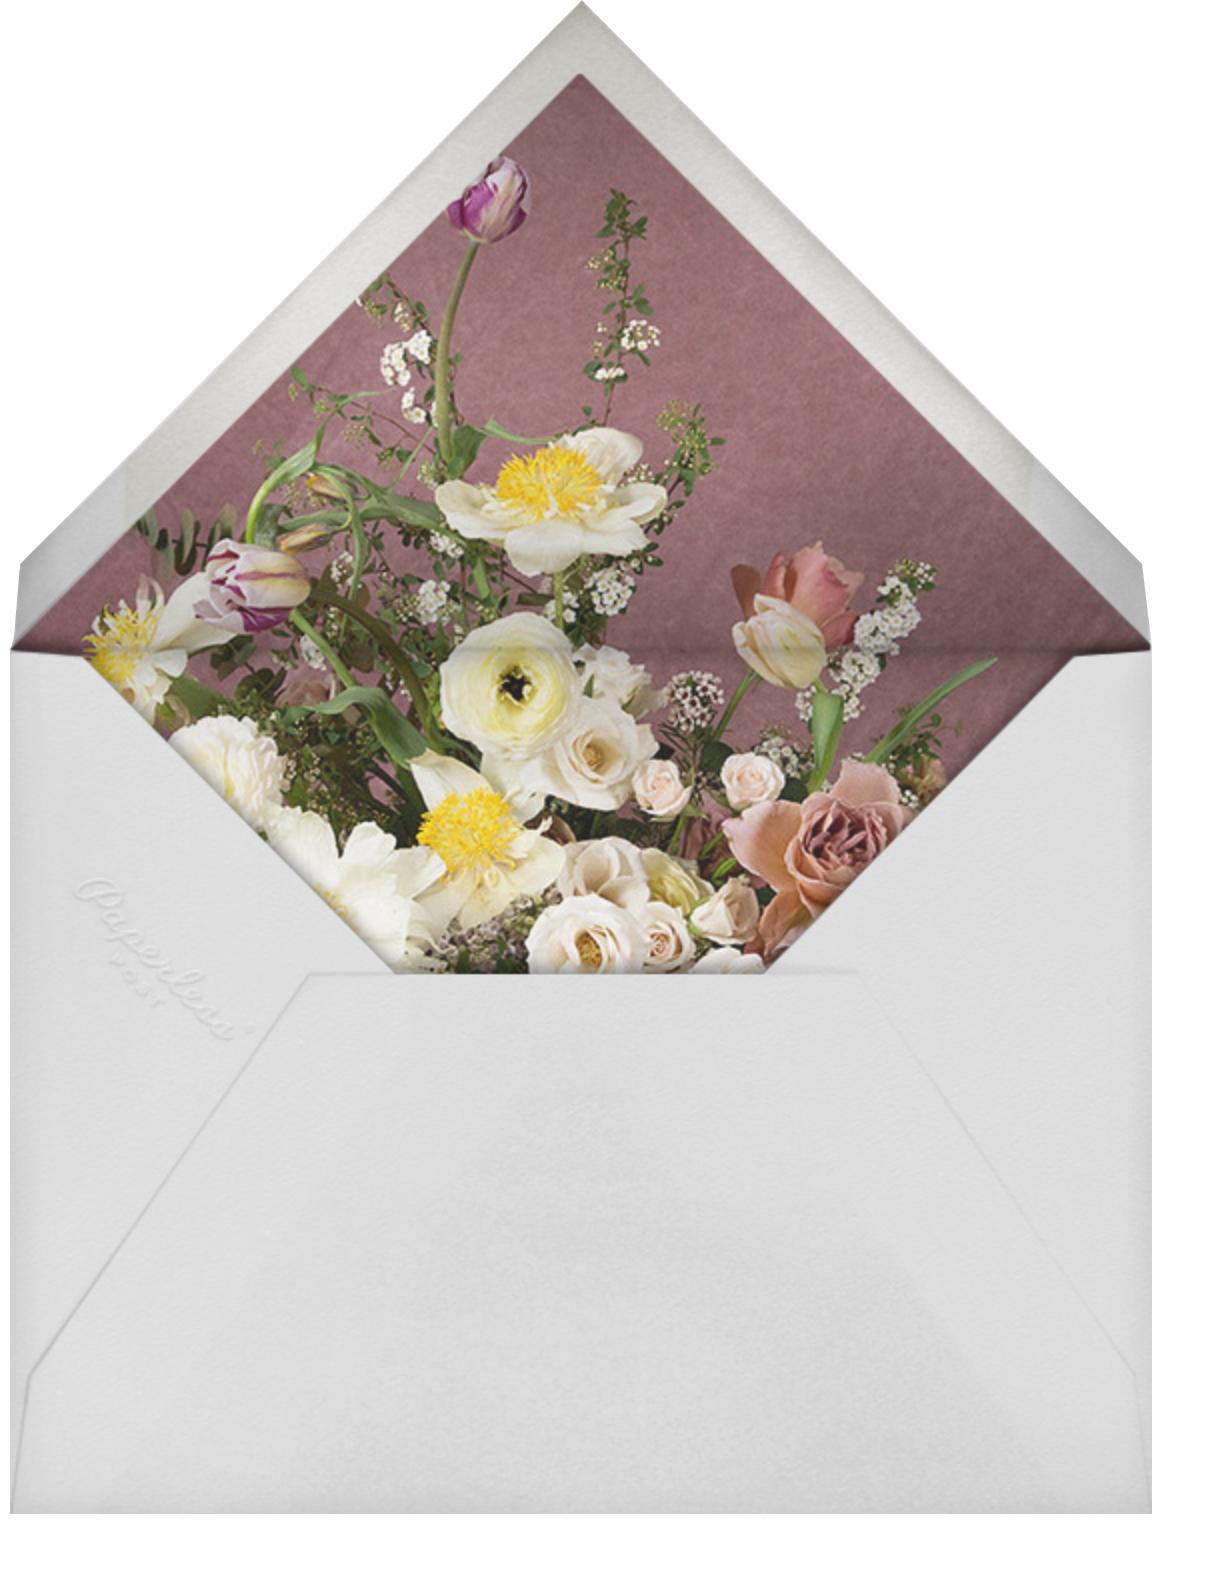 Messidor Photo - Putnam & Putnam - Valentine's Day - envelope back